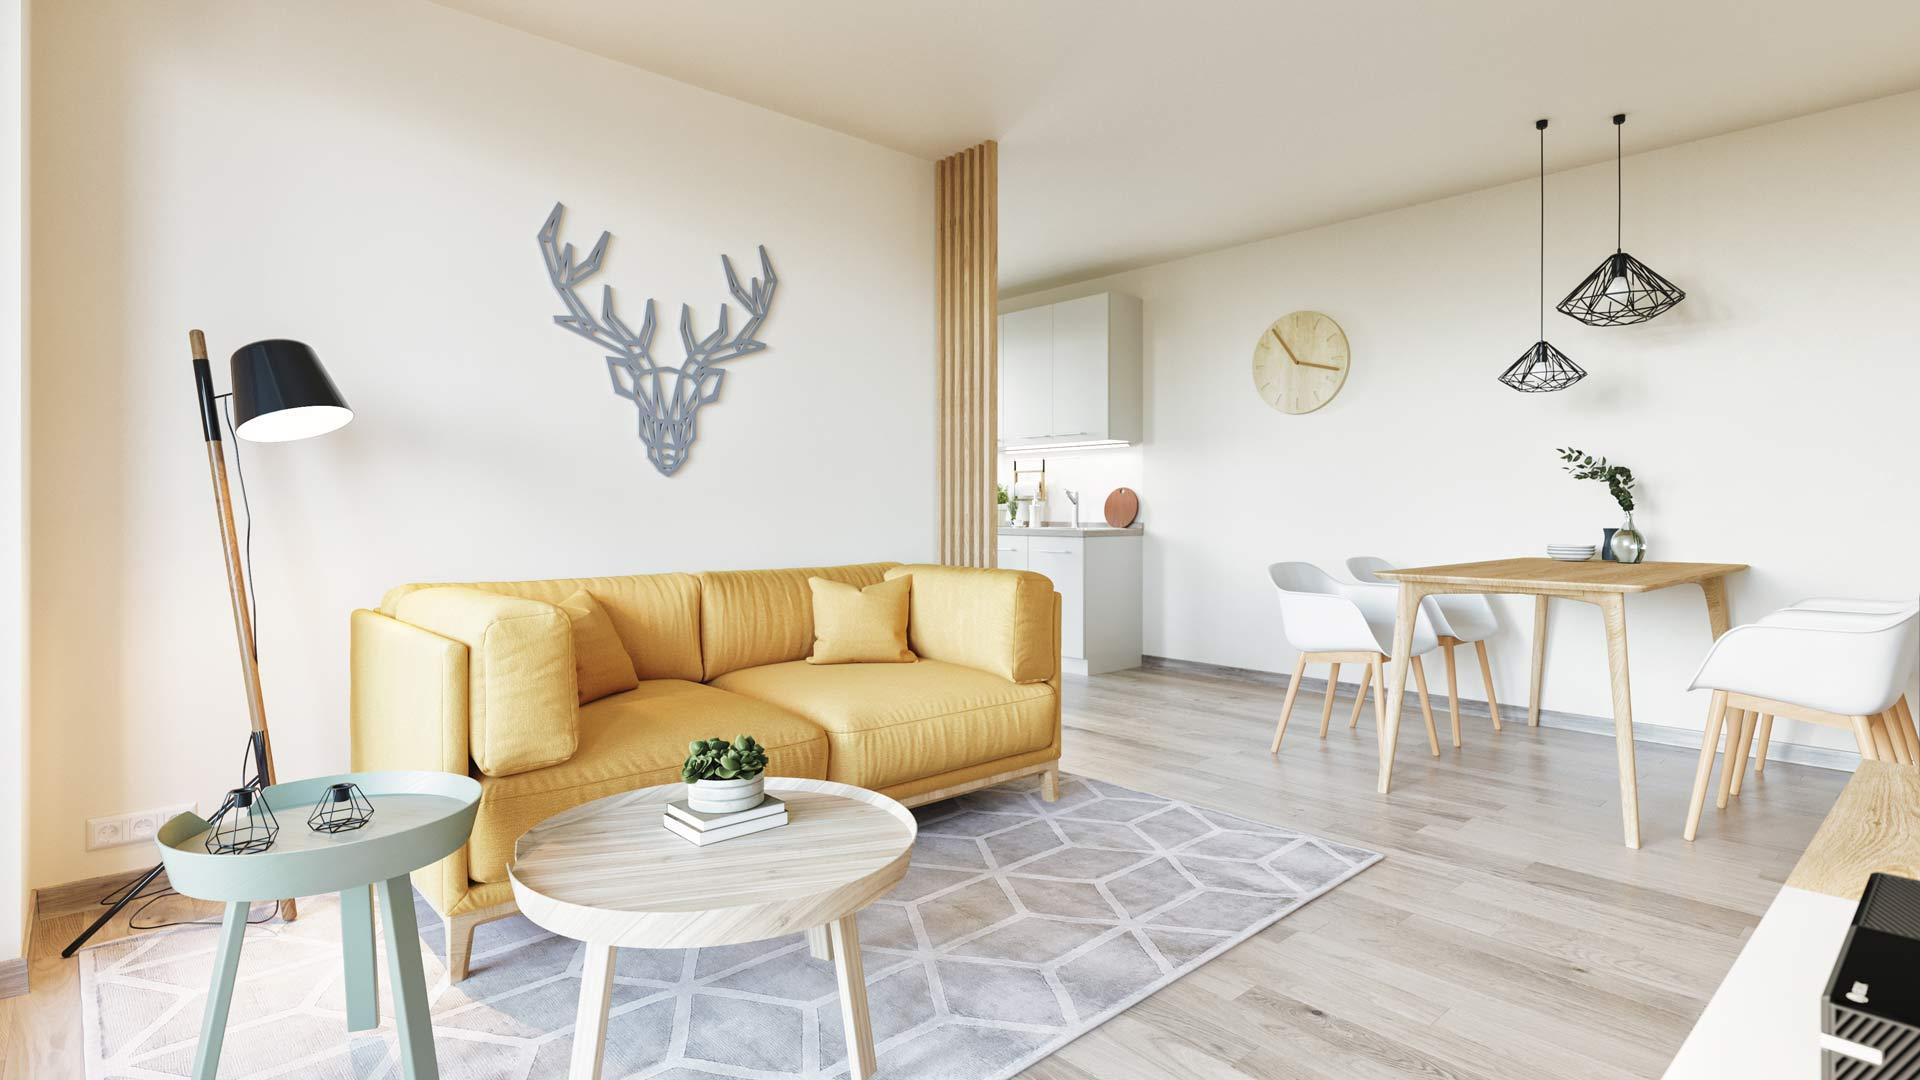 Projekt Villach Beispiel Innenausstattung Wohnzimmer gelbe Couch